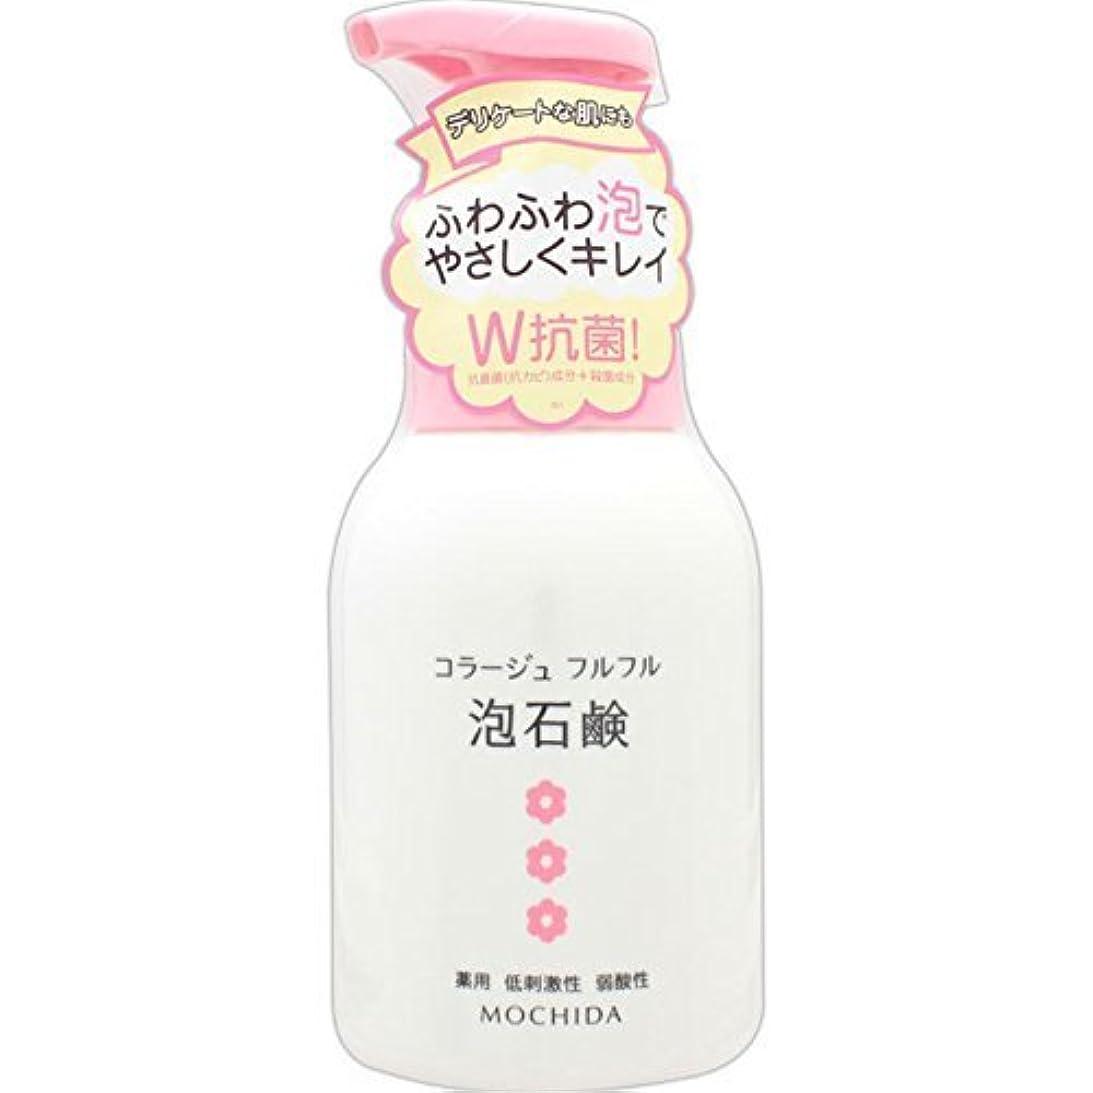 ルールクリスマスコラージュフルフル 泡石鹸 ピンク 300m L (医薬部外品) ×4